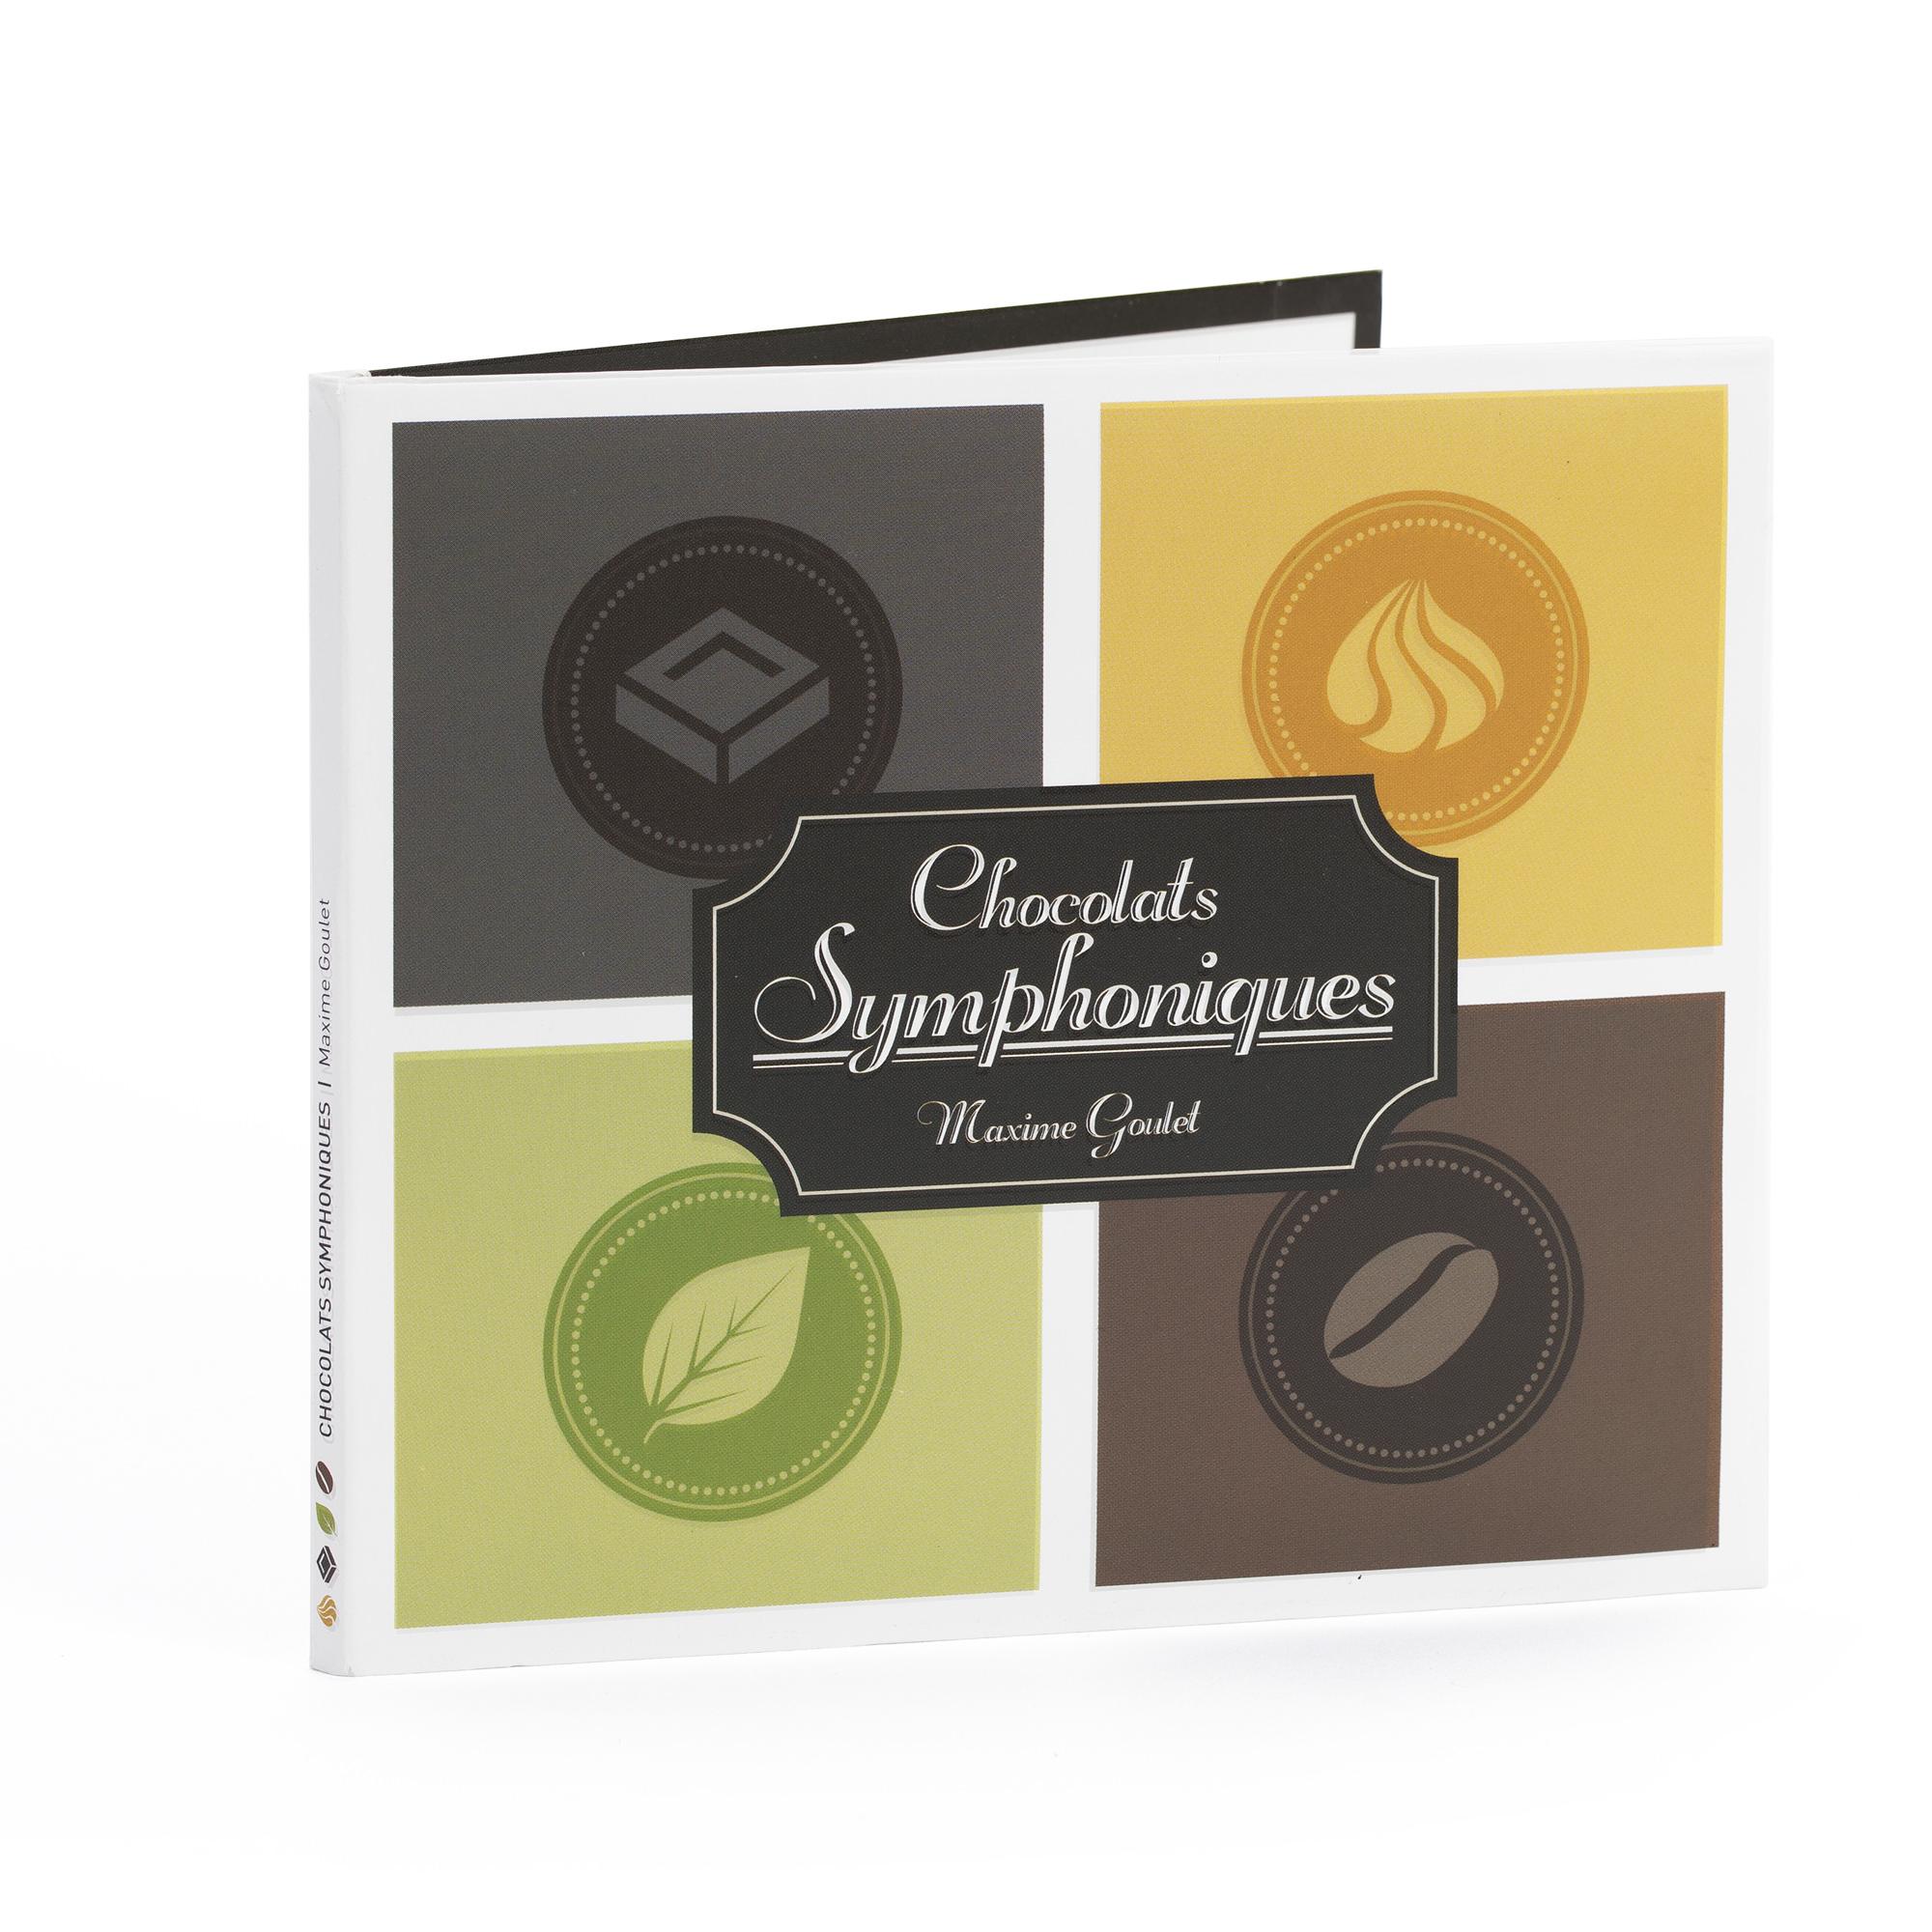 chocolats-symphoniques-cd